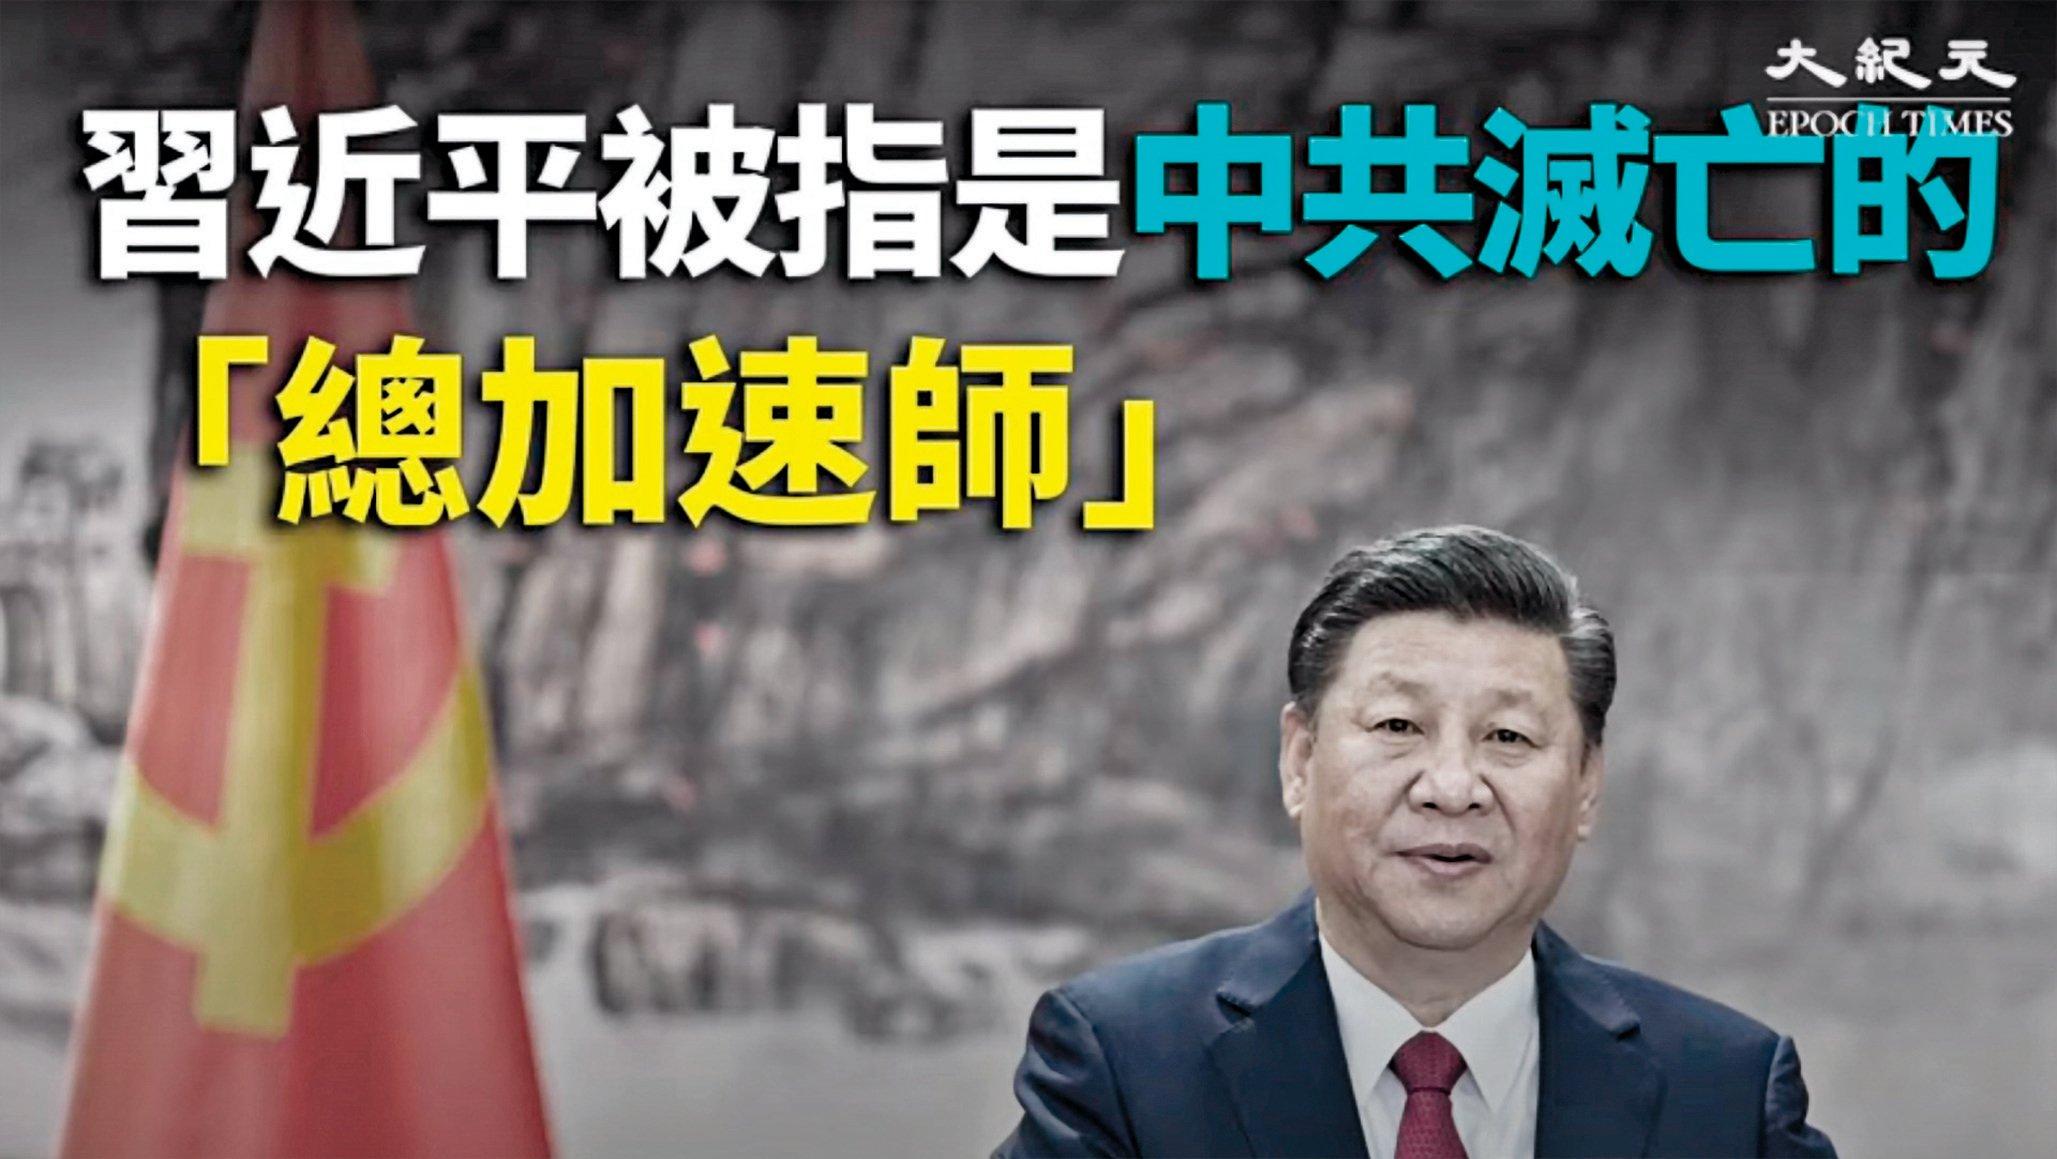 習近平的五個「絕不答應」,硬是把中國人民和中共邪黨捆綁在一起。(視頻截圖)